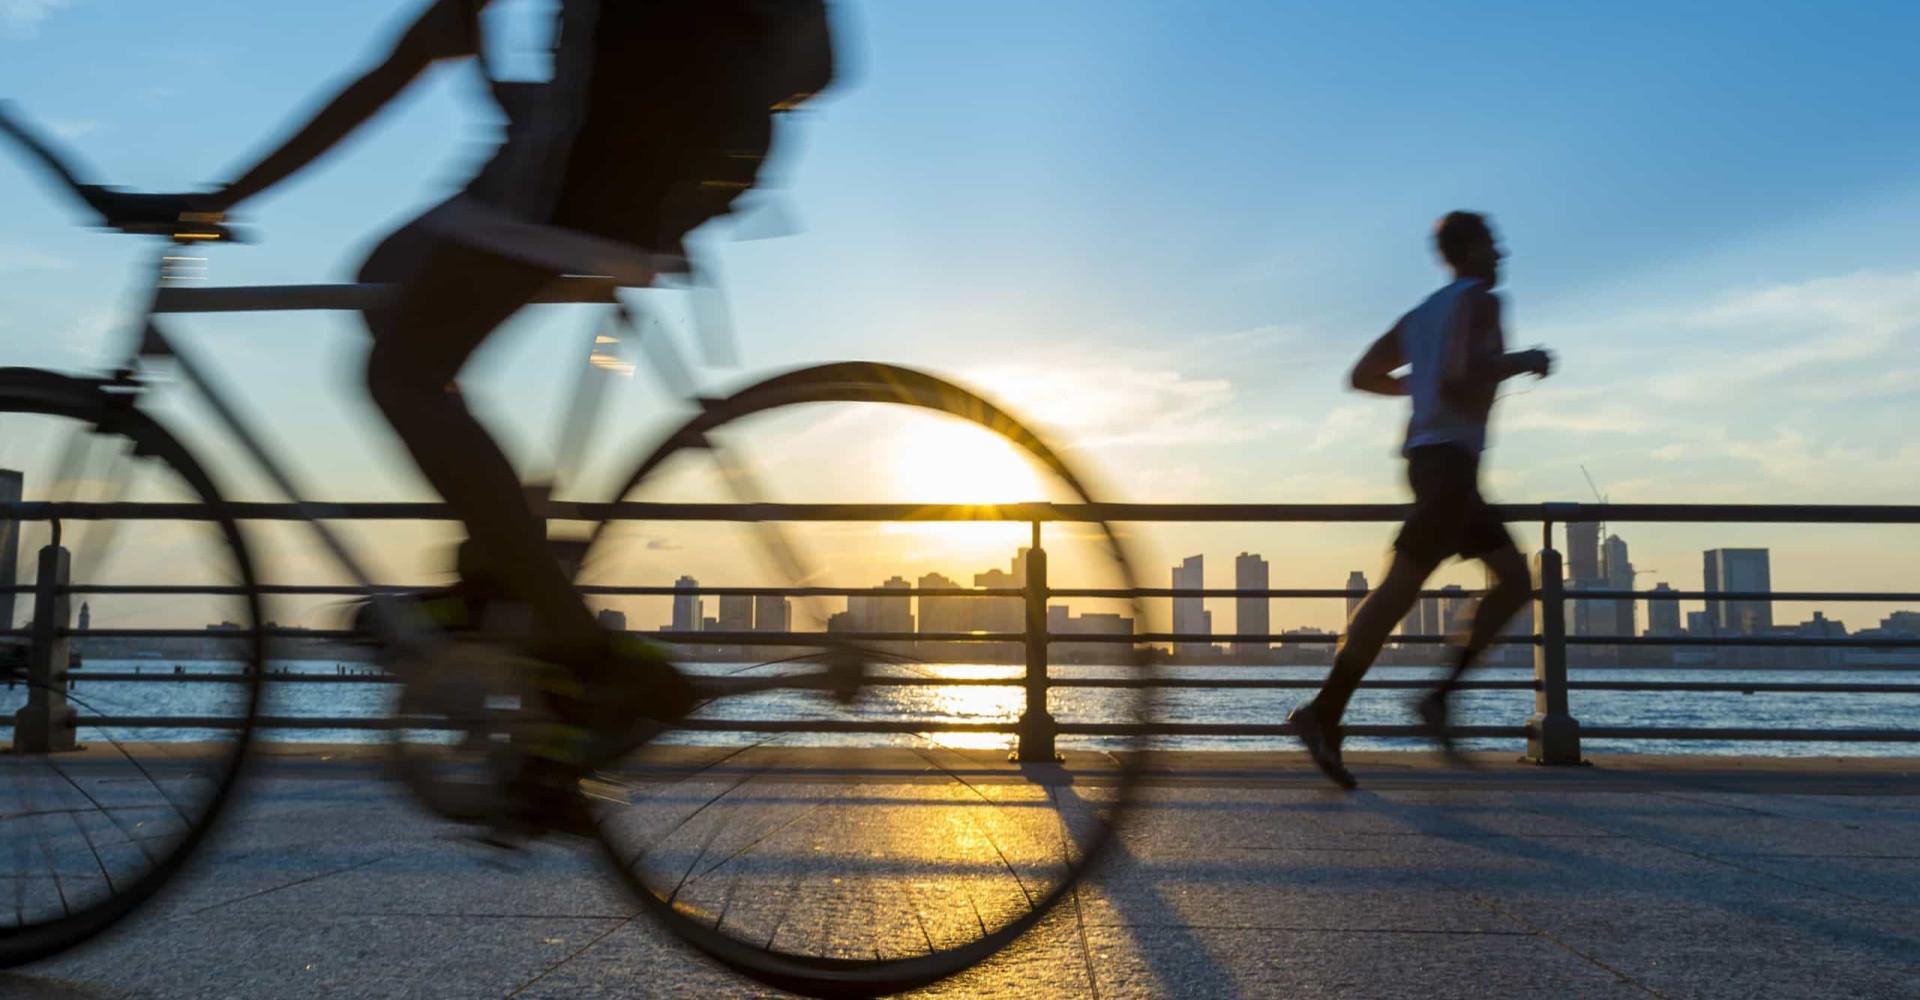 Hardlopen versus fietsen: wat is de betere workout?